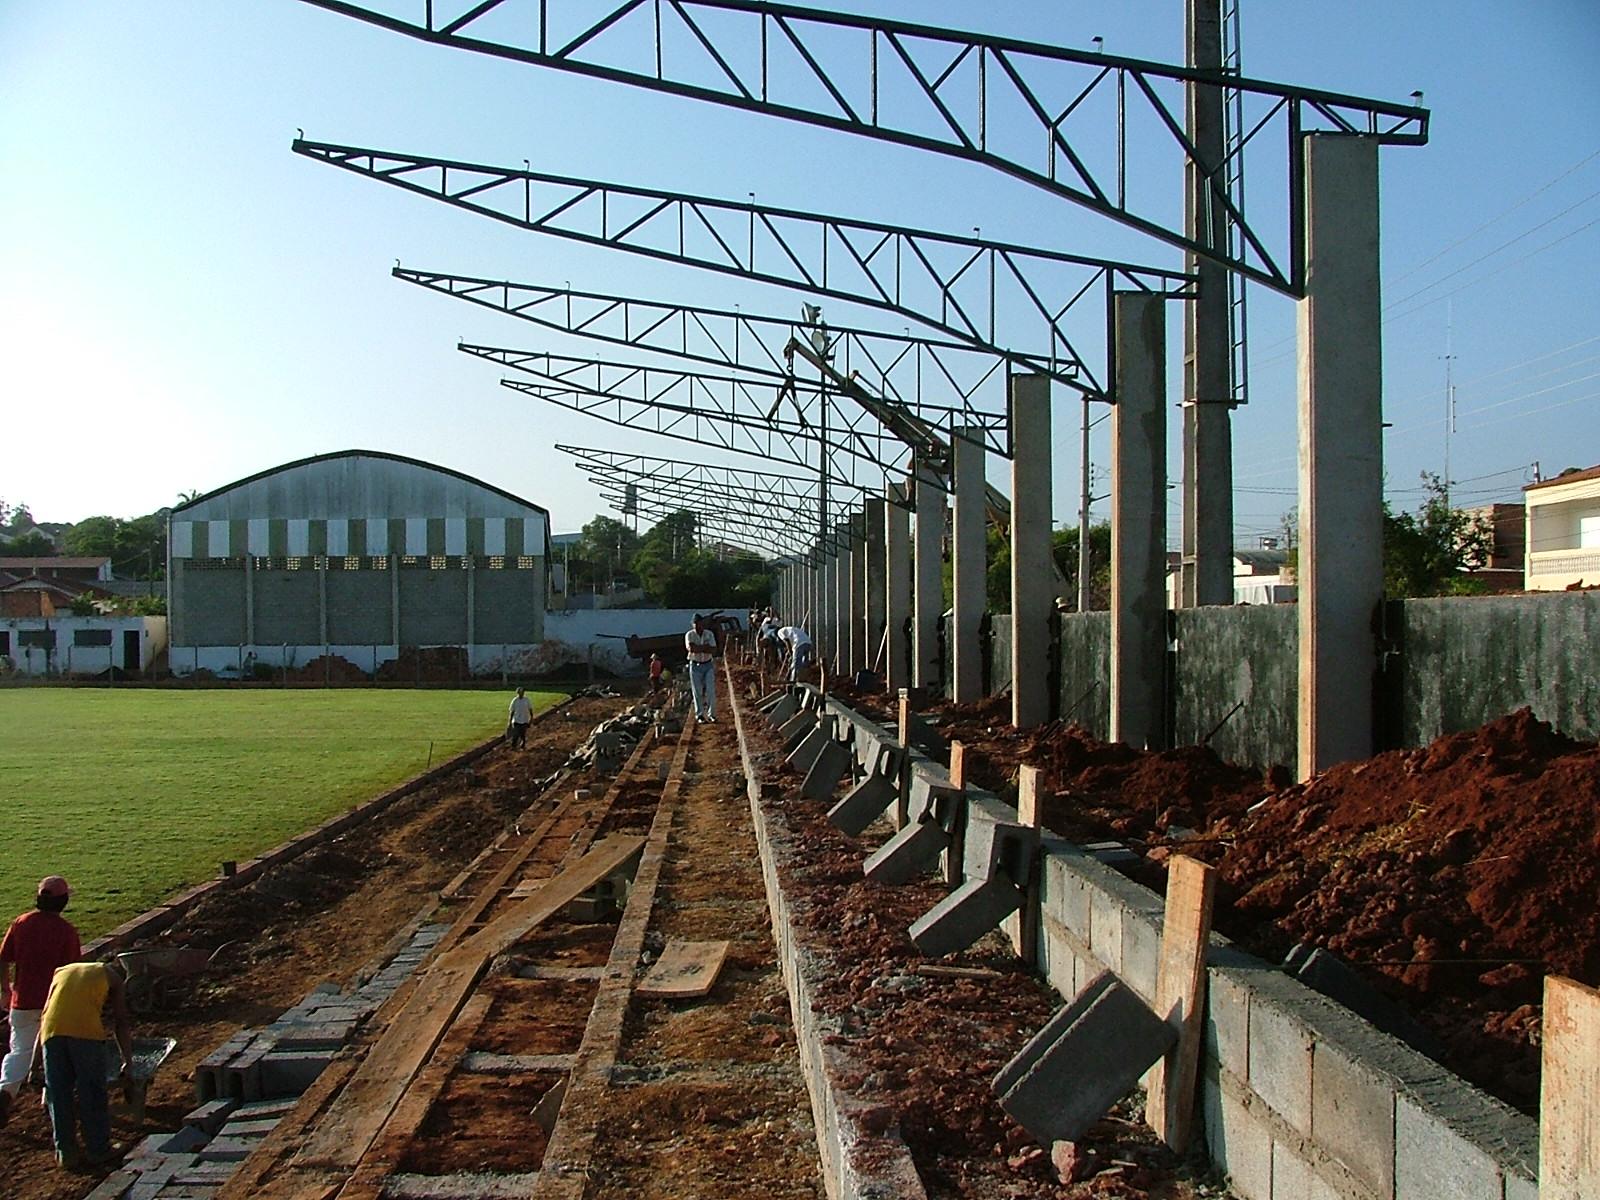 engeba-engenharia-pre-moldados-projeto-pilar-do-sul-sp-interior-obra-bndes-construçao-edificio-multipavimento-cobertura-fechamento-fundaçao-pre-fabricado-edificio-garagem-infraestrutura-industrial-terca-concreto-viga-t-cobertura-calha-escada-laje-estrutura-Estadio Municipal de Guareí (3)